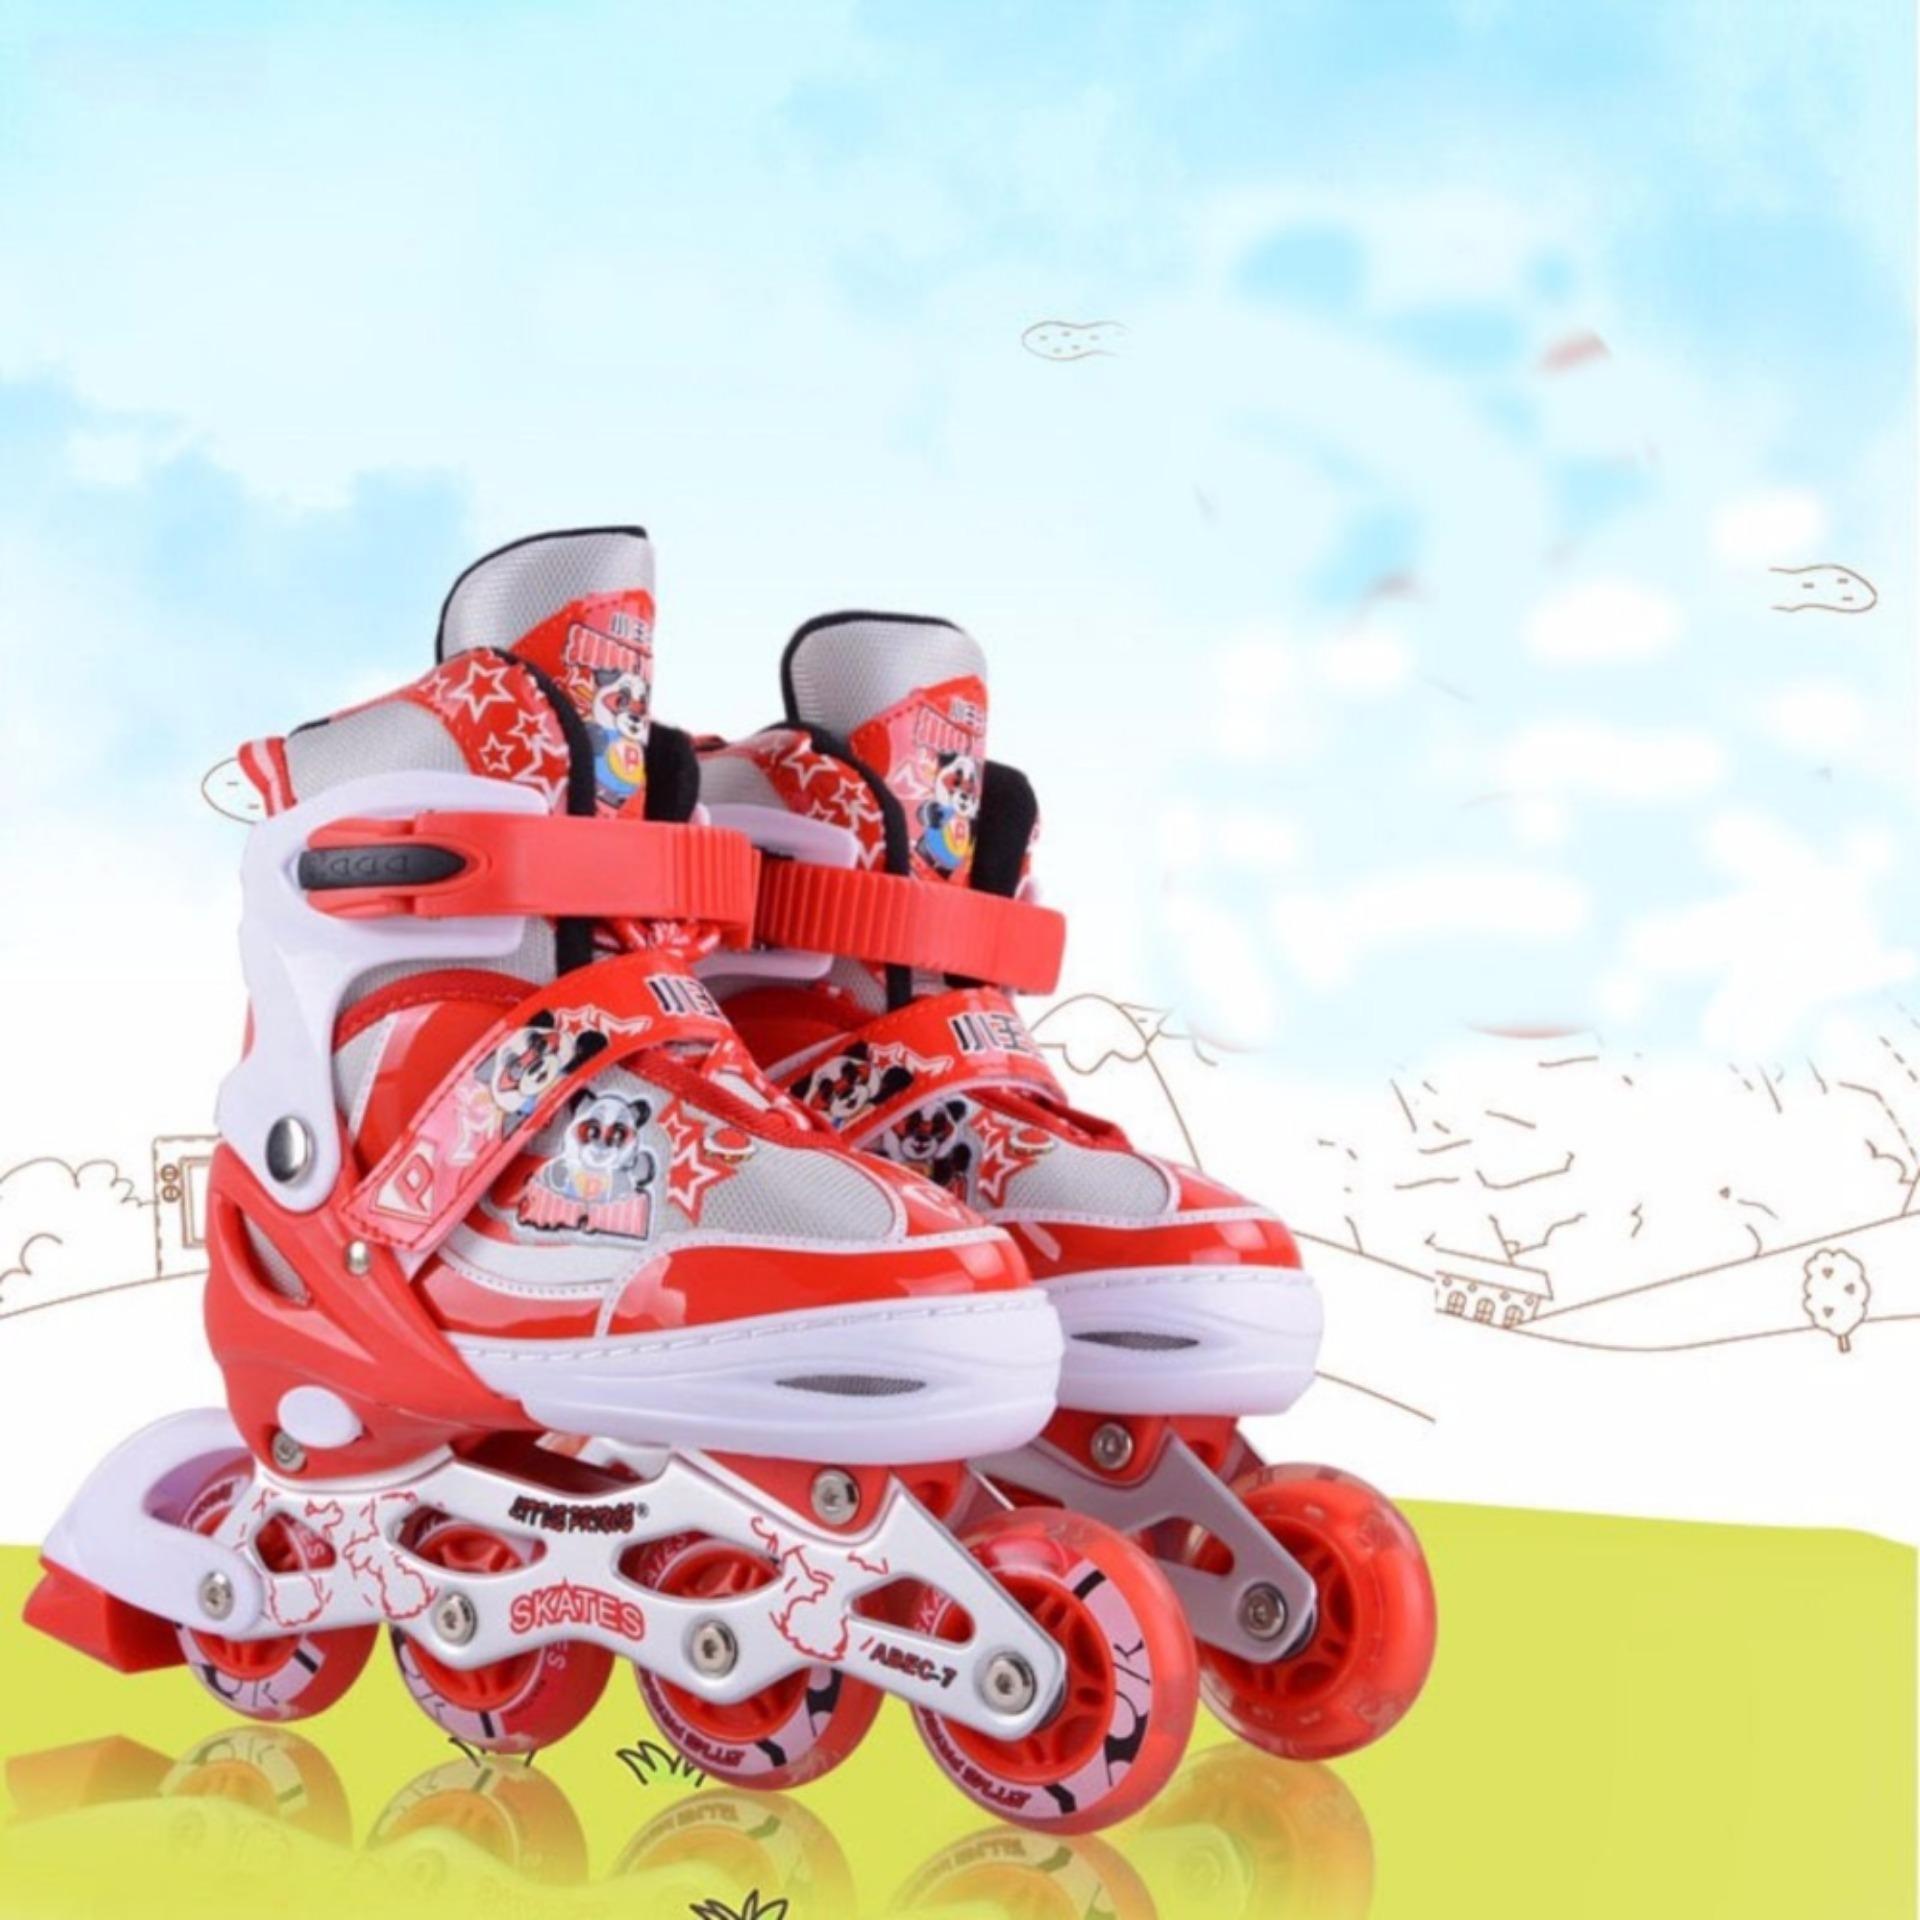 Giày trượt Patin trẻ em (màu xanh, màu hồng, màu đỏ cam)